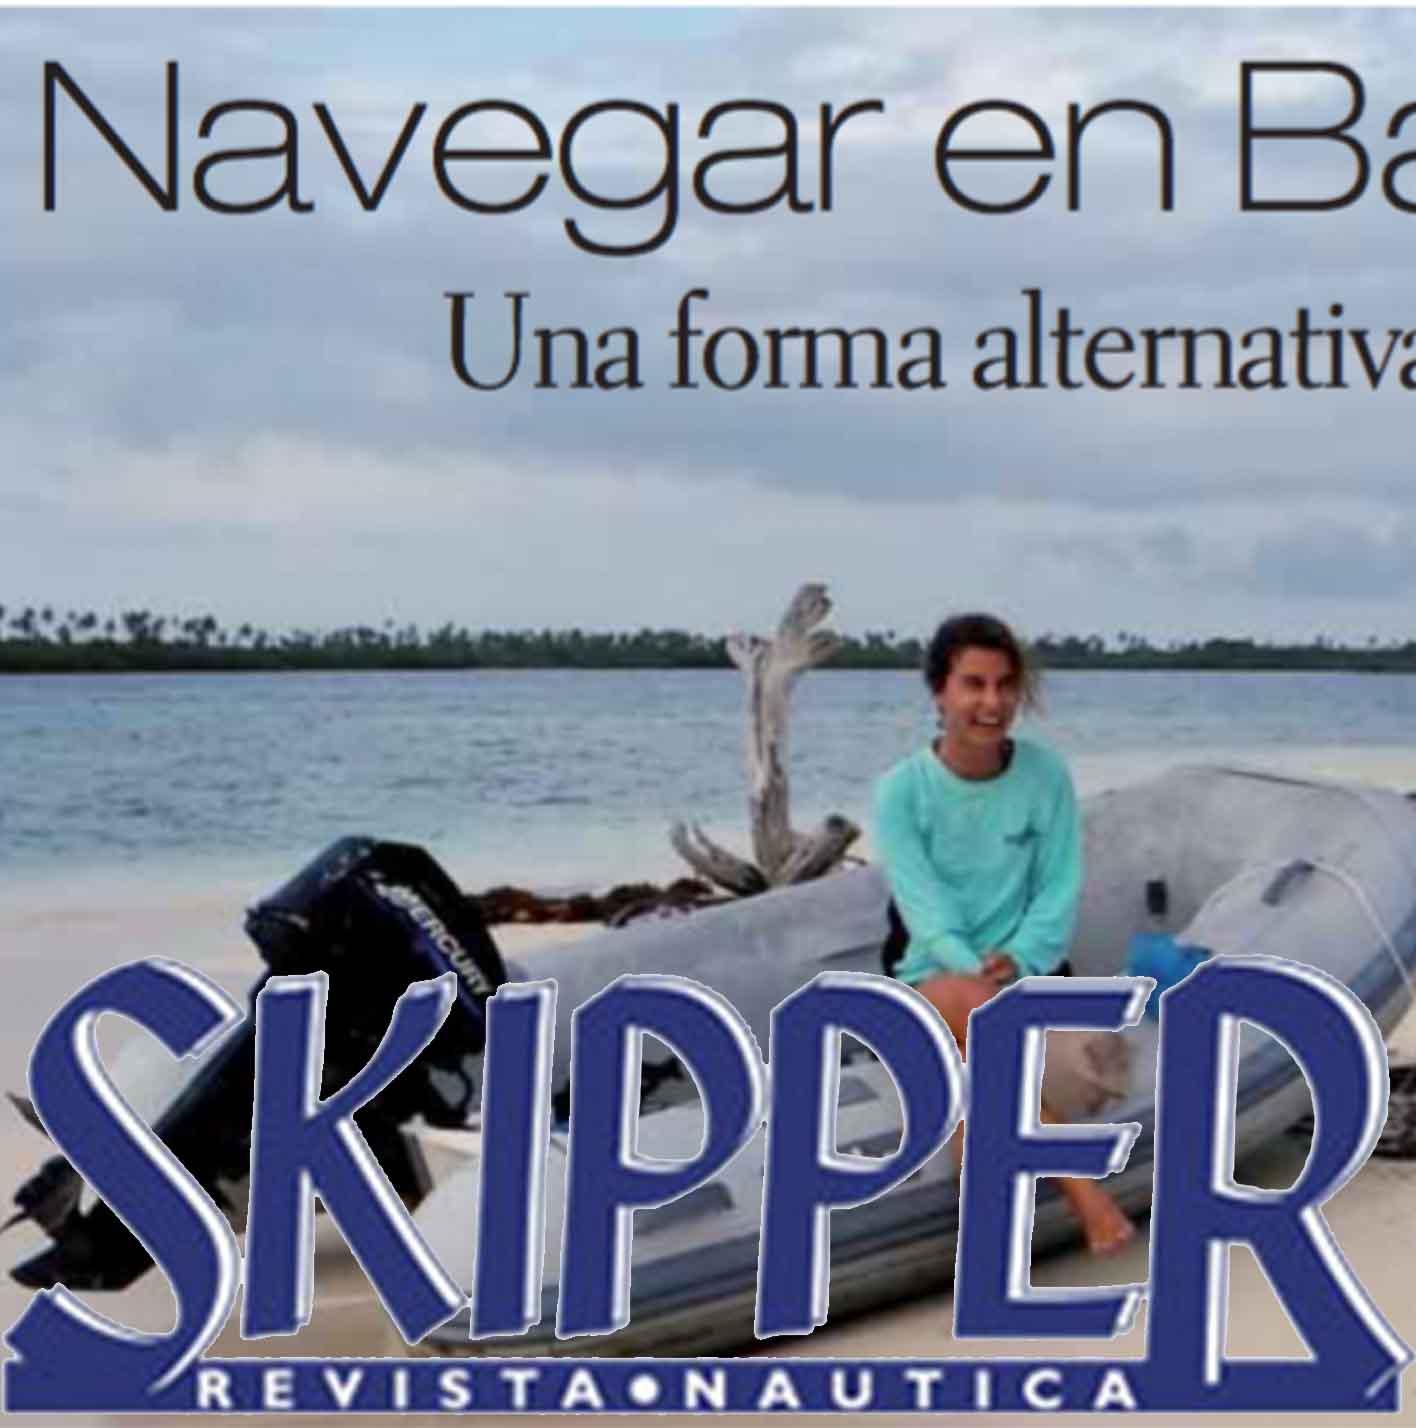 Skipper entrevista a Allende los mares